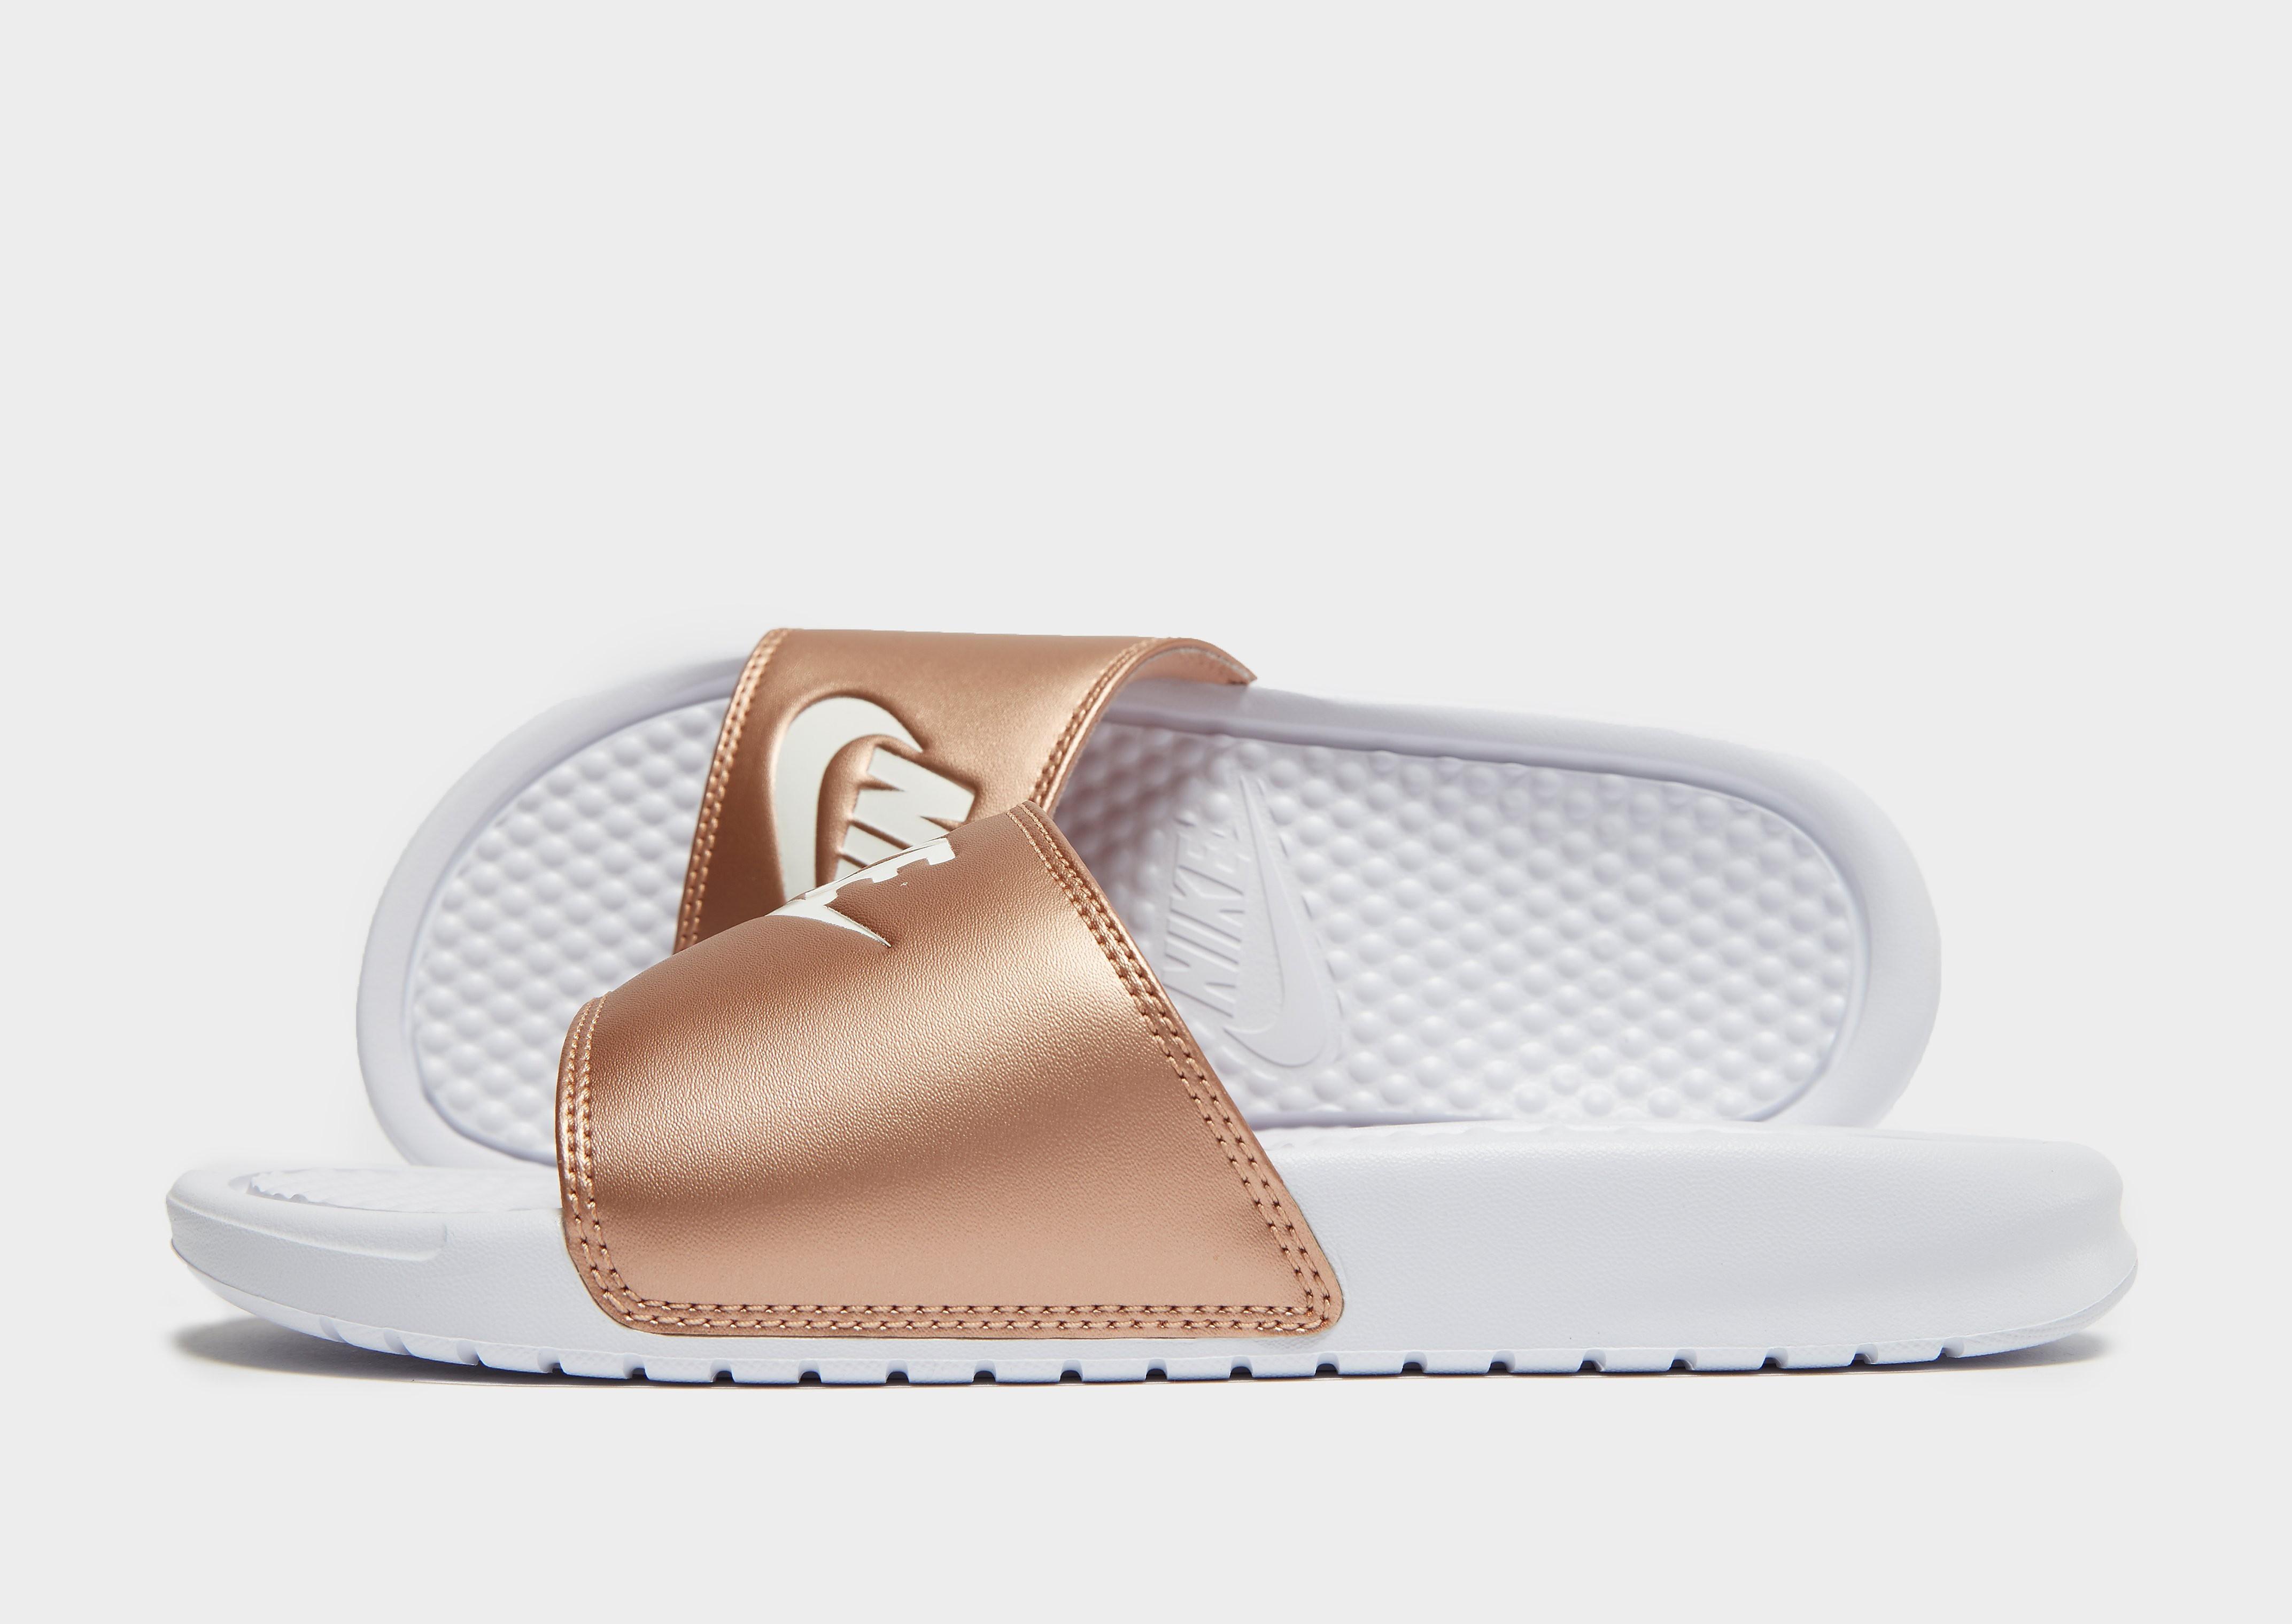 Nike Benassi Just Do It Slides Damen - Weiss - Womens, Weiss